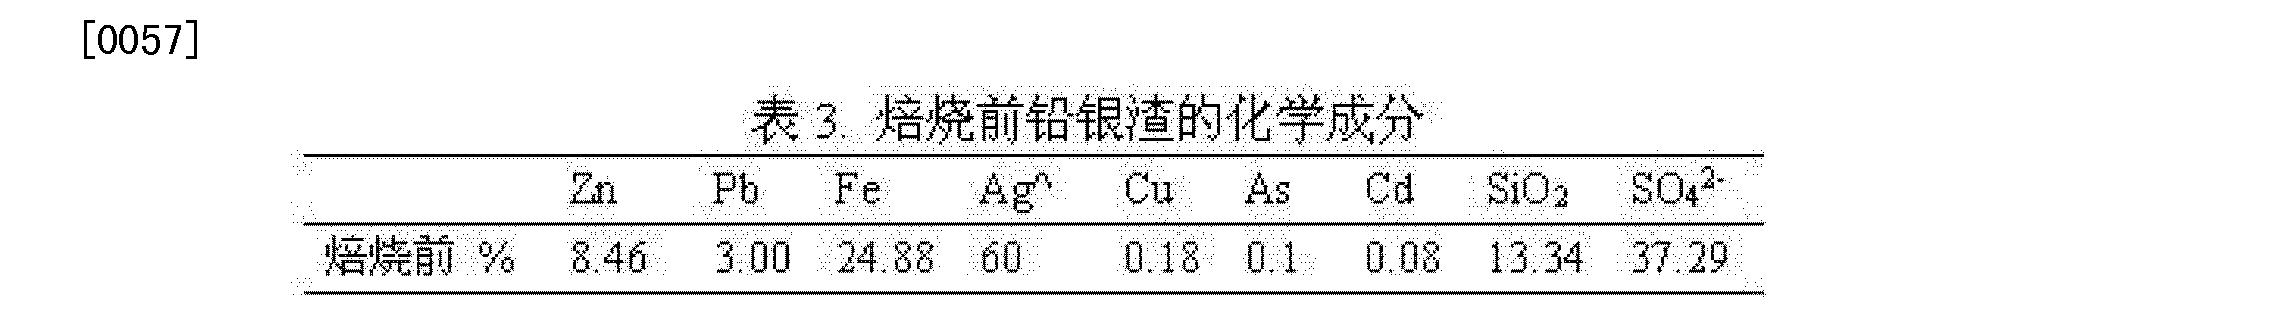 Figure CN102747226BD00081